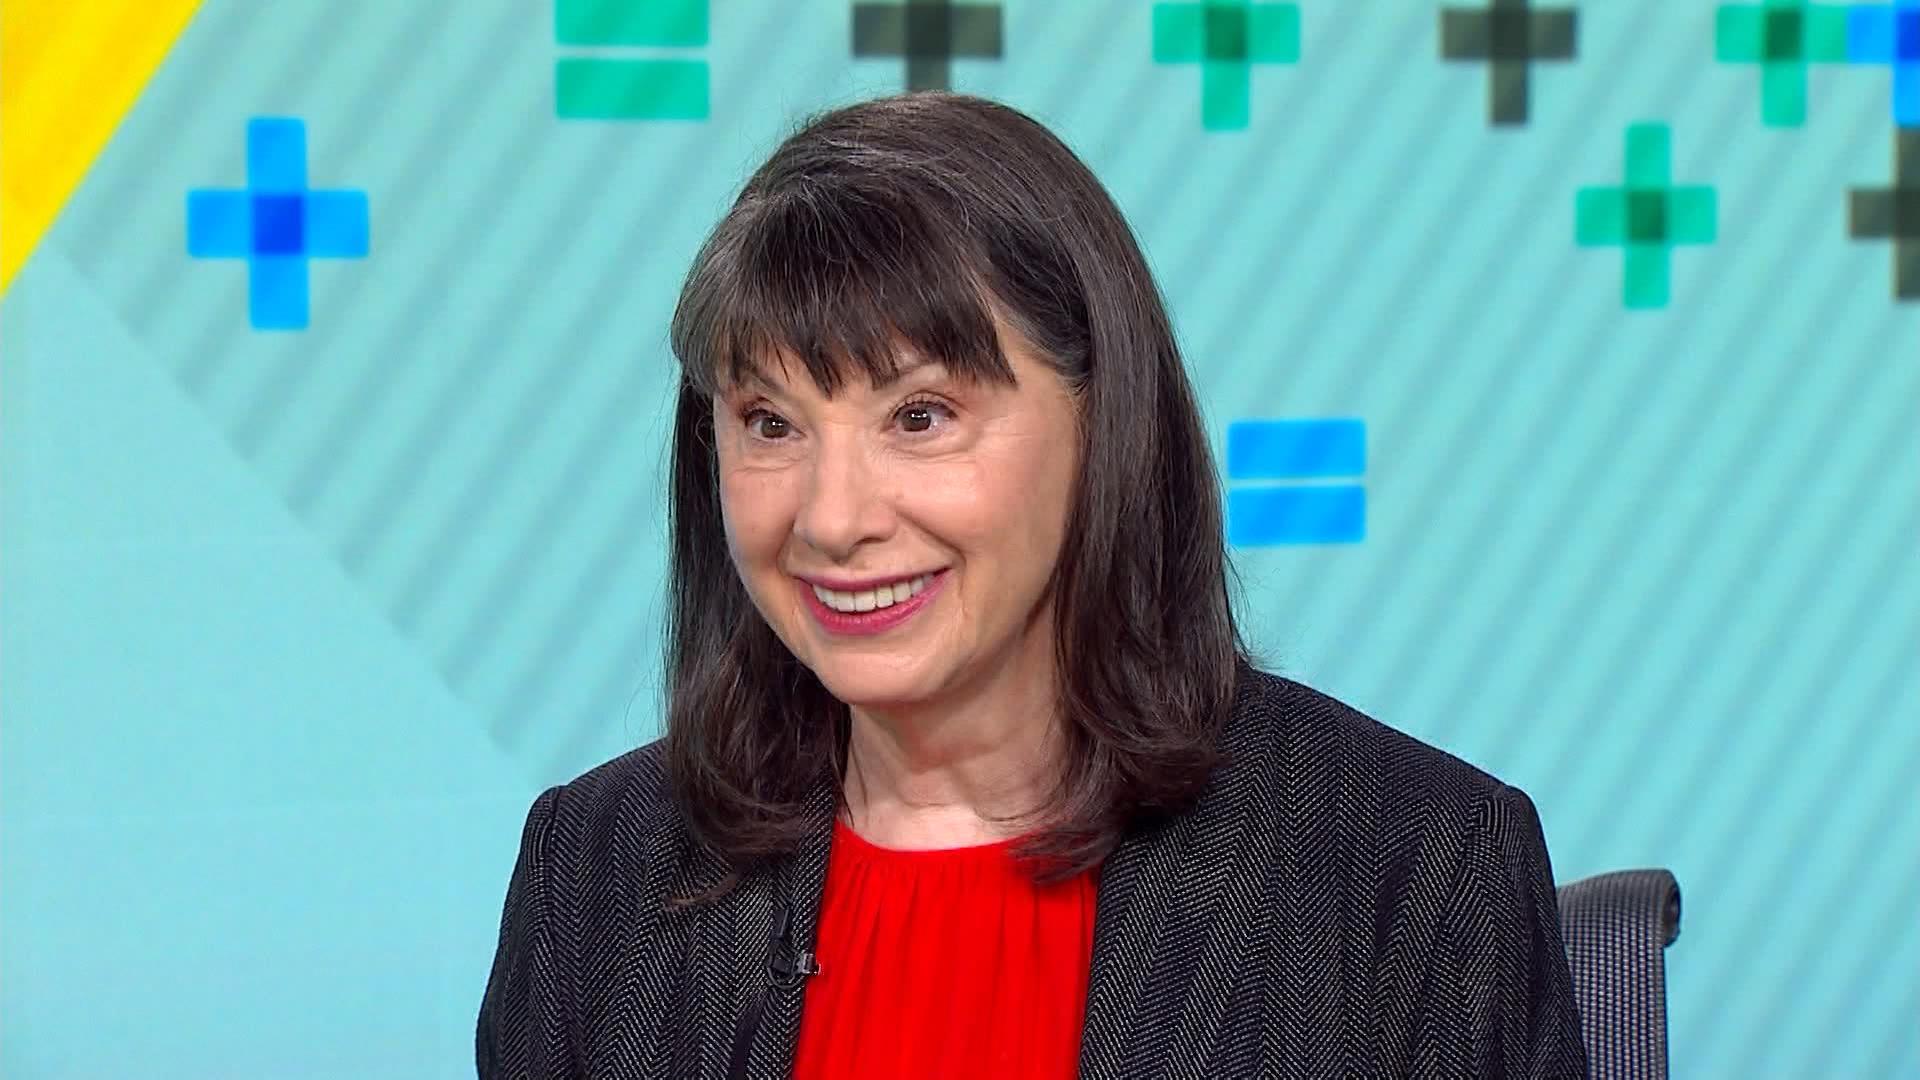 Former Planned Parenthood President Gloria Feldt on Women